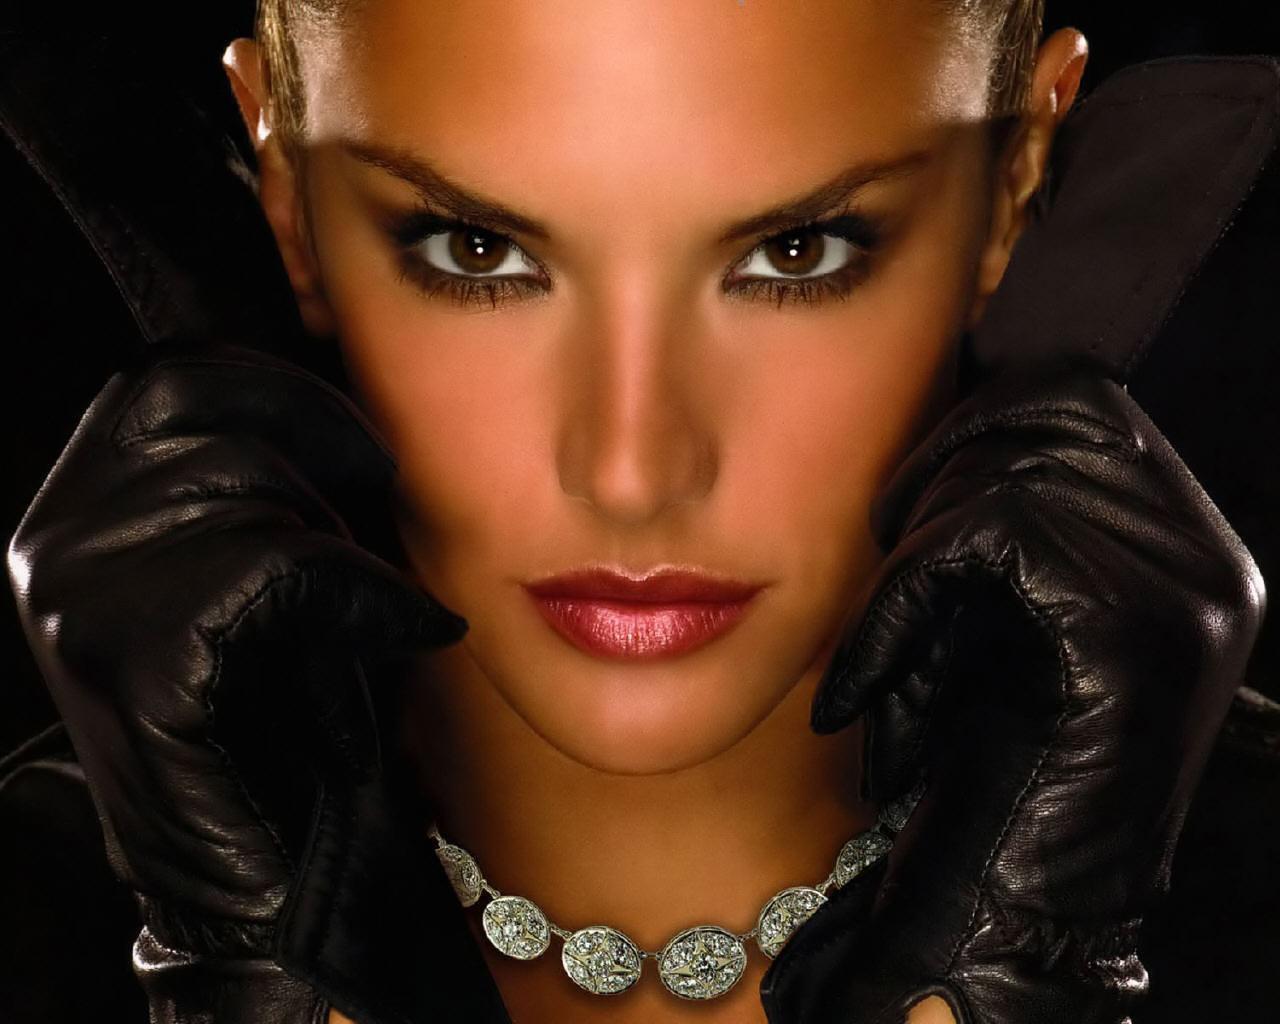 http://2.bp.blogspot.com/_8OVpughkXMI/TAfLWlAWaiI/AAAAAAAAAJw/Qgk6DLiLR4k/s1600/Alessandra_Ambrosio_Fashion_Model.jpg